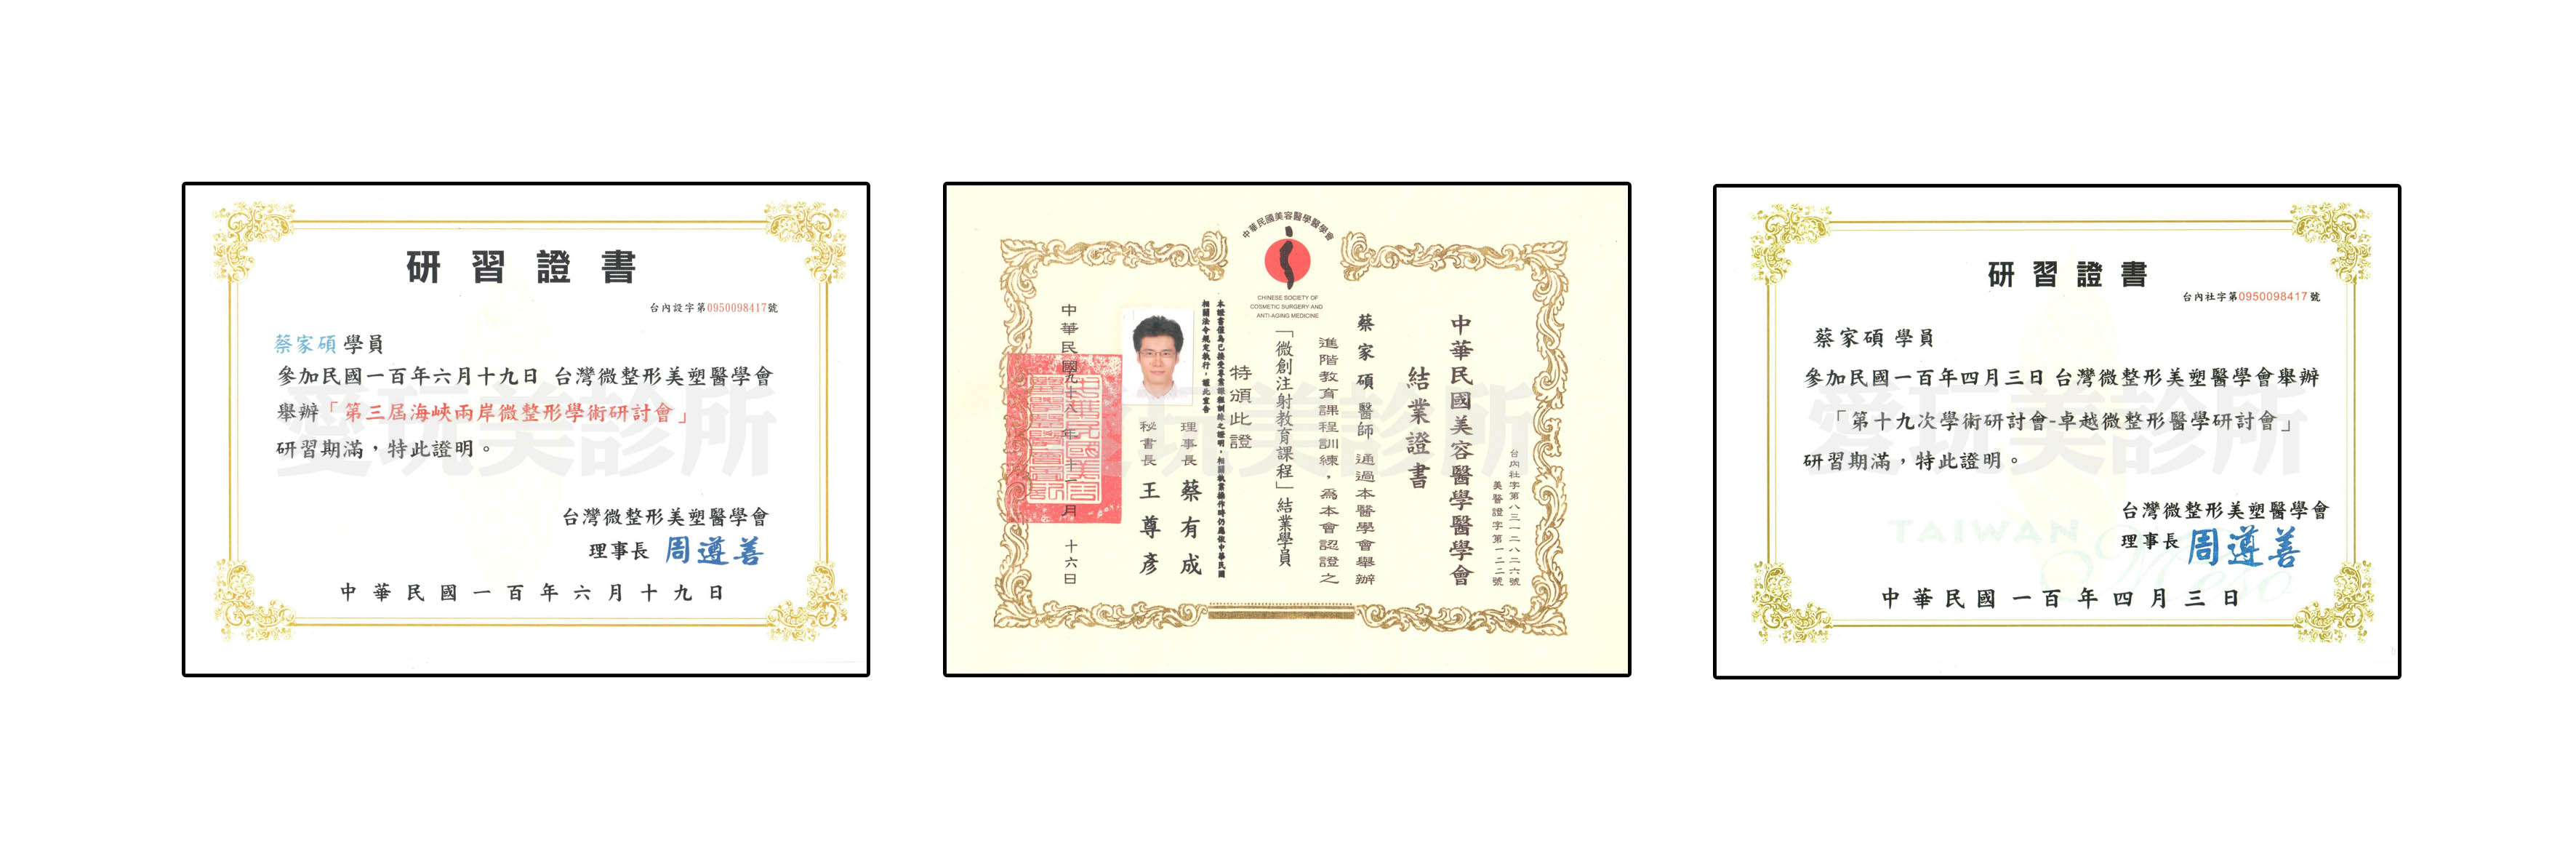 蔡家碩證書02